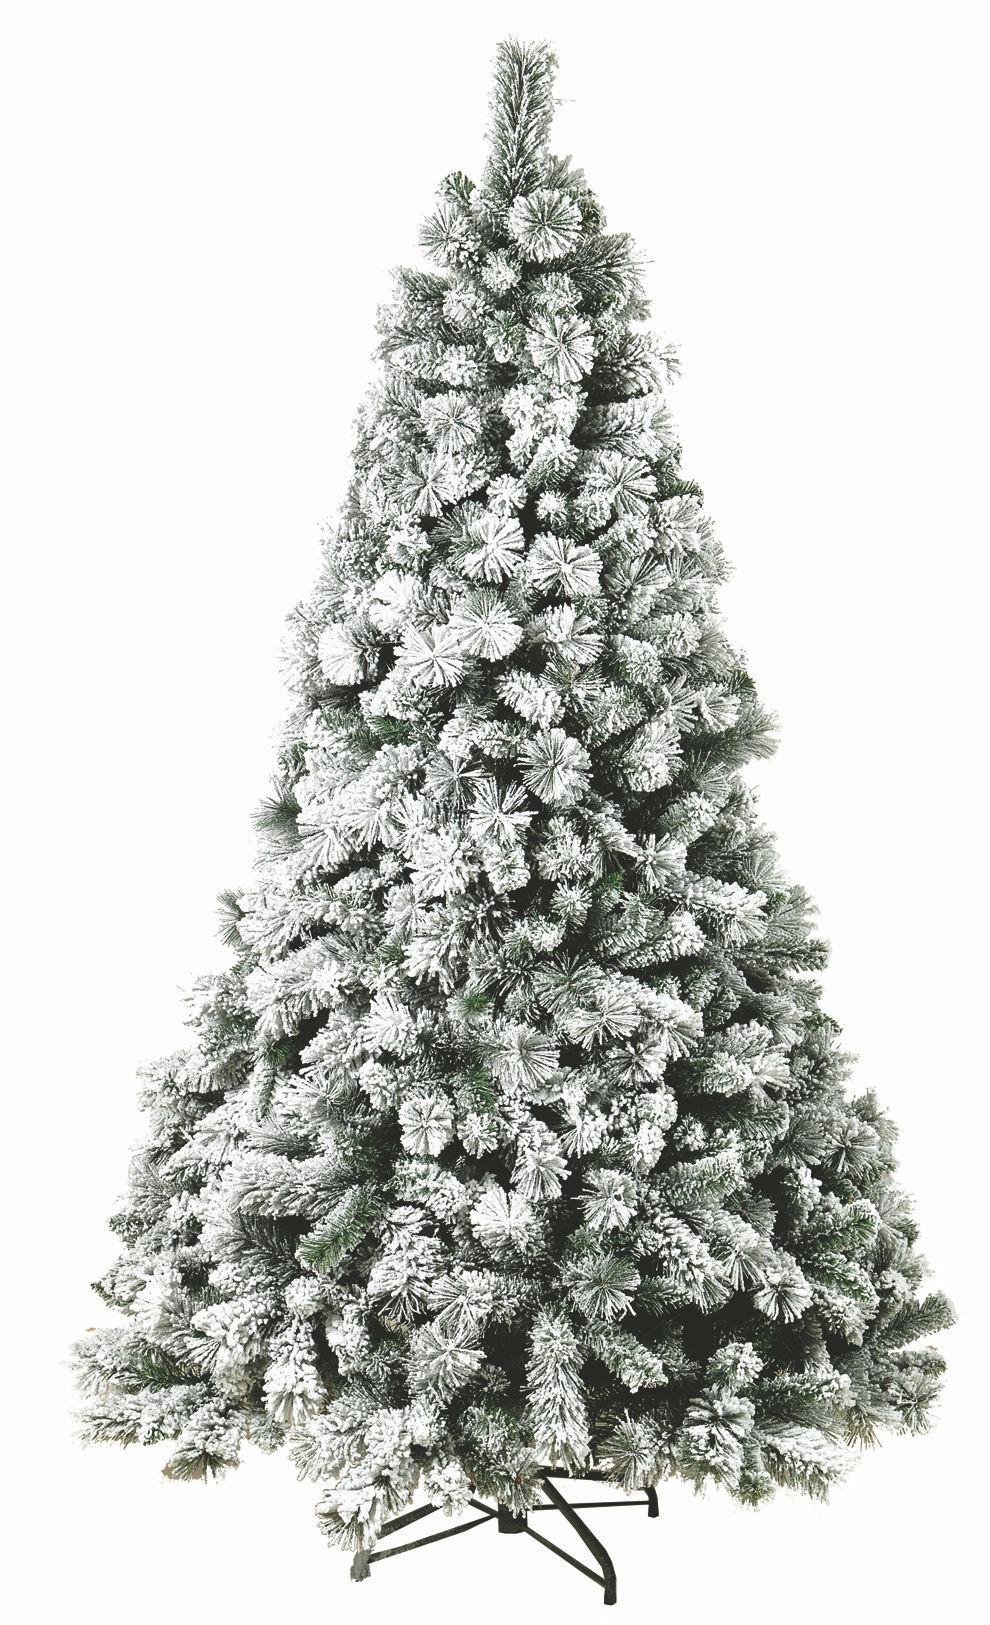 Χιονισμένο Χριστουγεννιάτικο Δέντρο 180cm